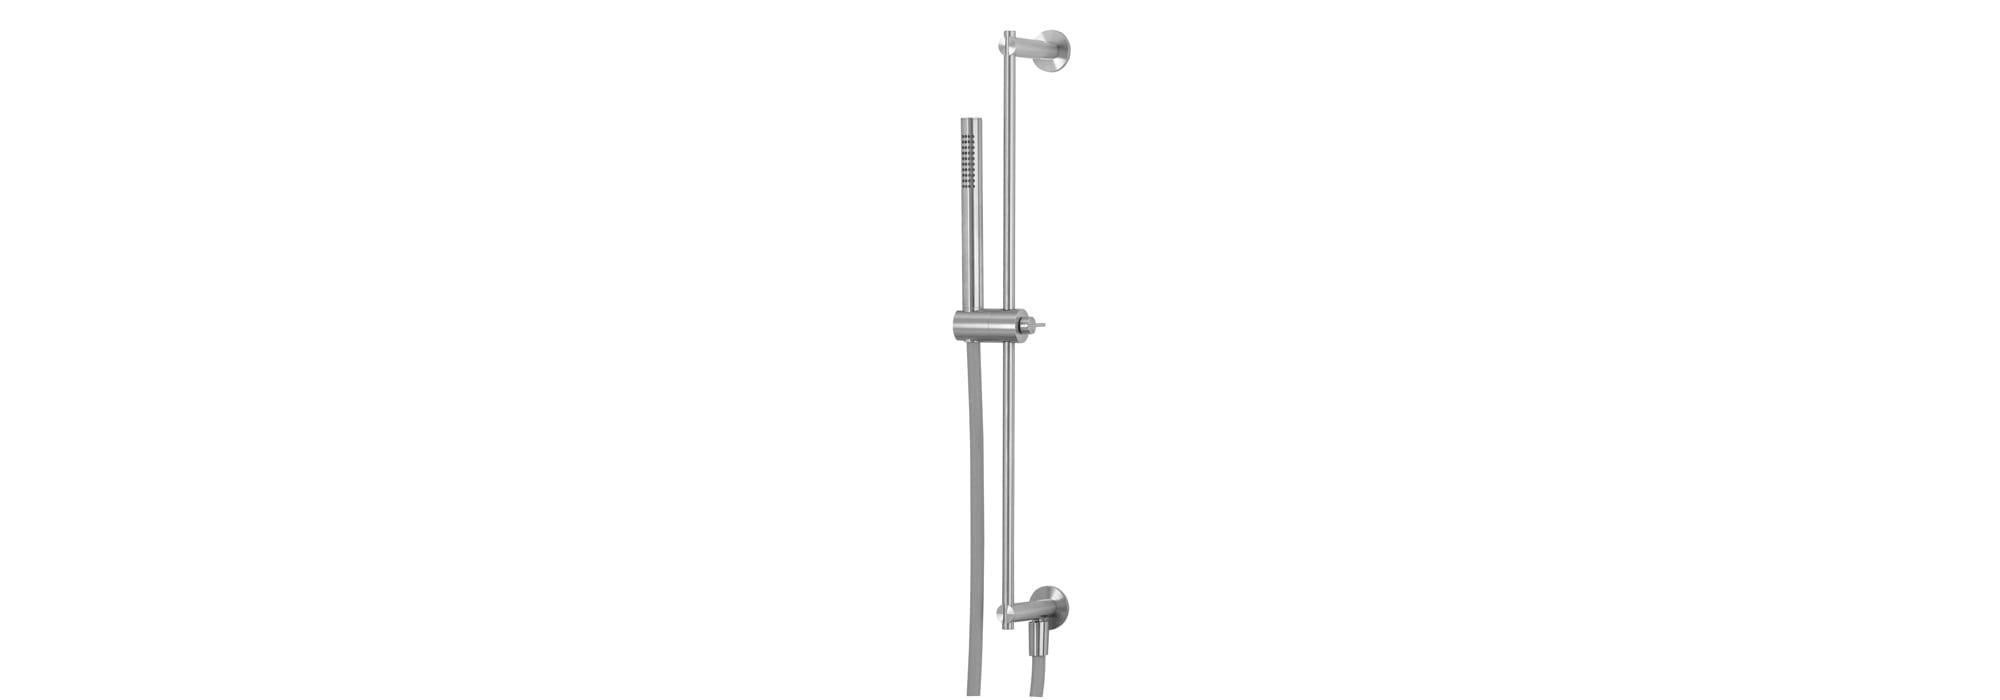 מוט מתכוונן למקלחת כולל : נקודת מים ,מזלף ,צינור ומאחז, נירוסטה – T4.661.IE by Milstone